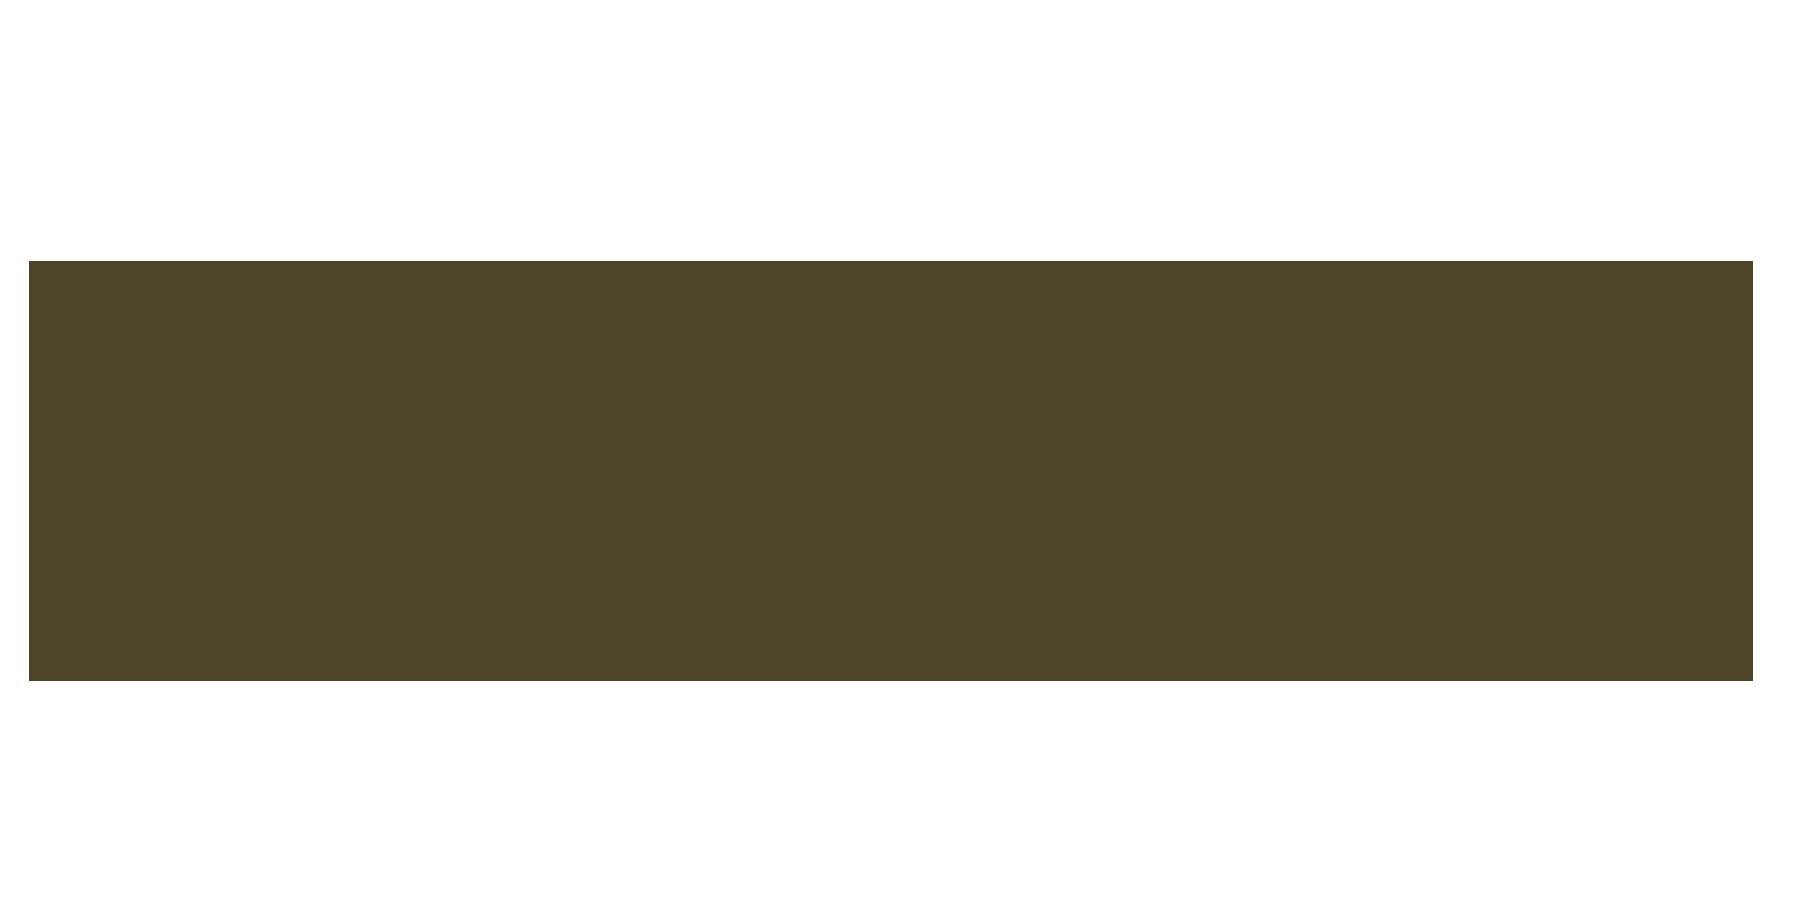 logo_eli_pericka copy 3.png